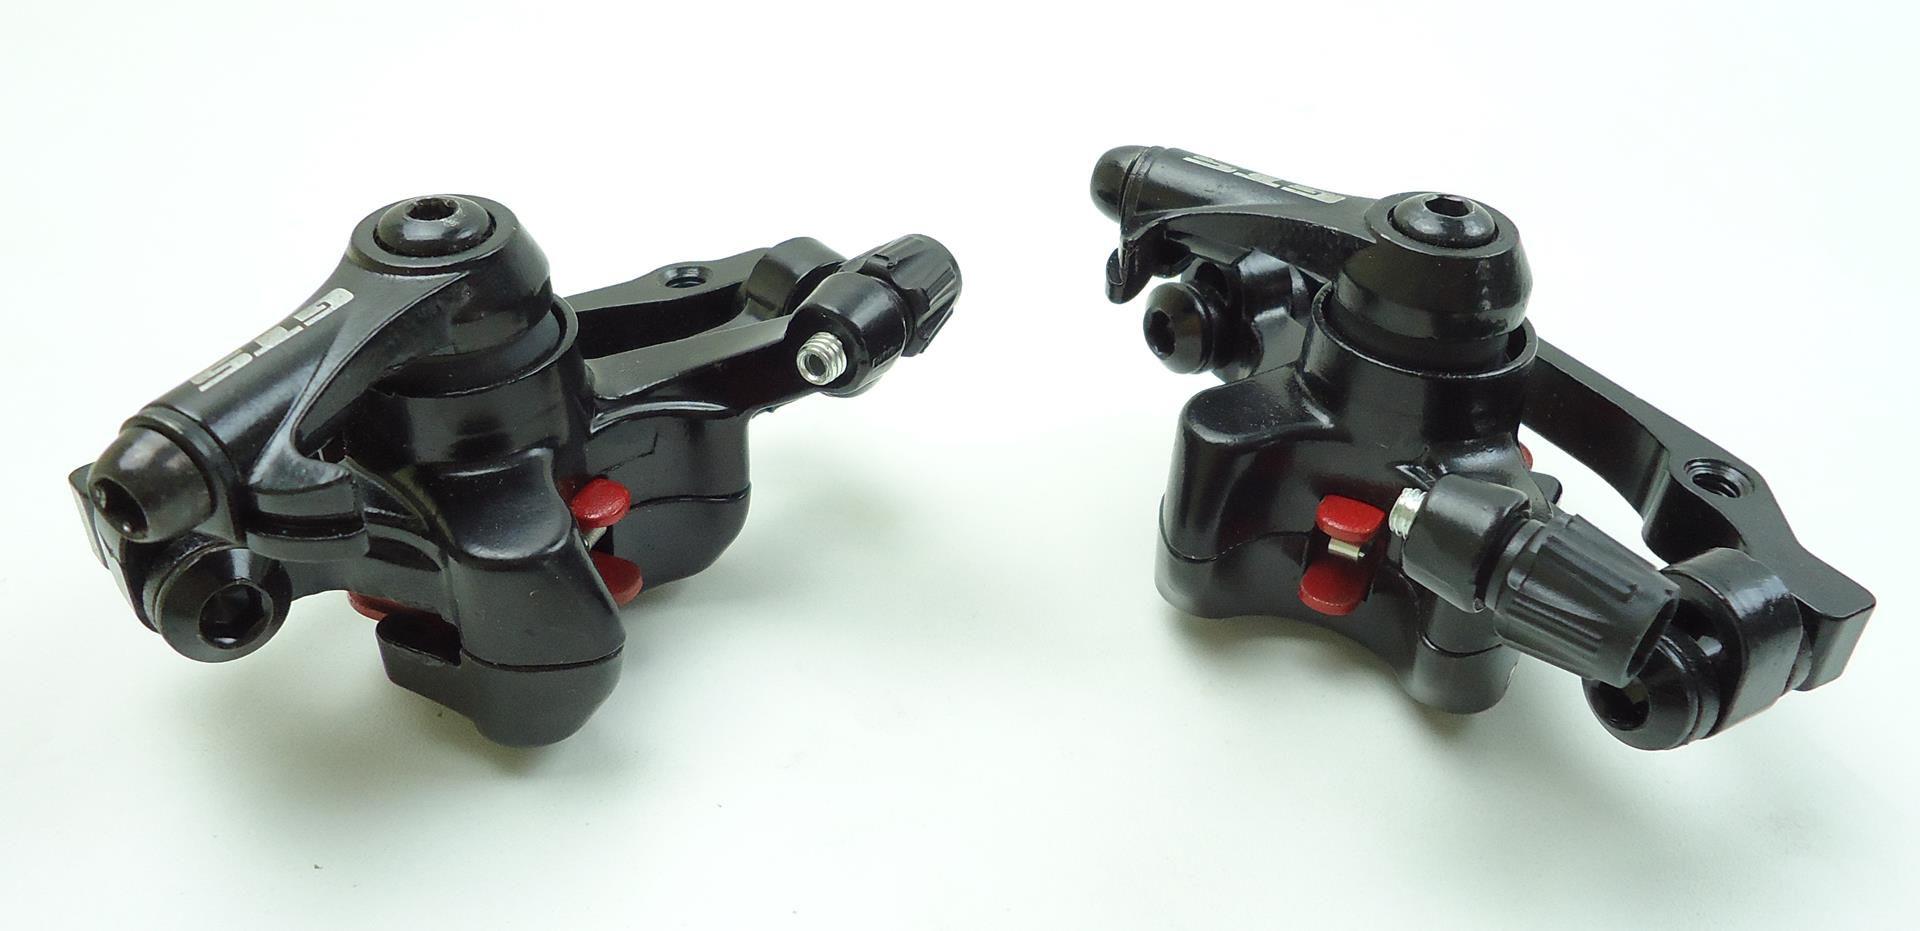 Par De Pinças para Freio À Disco Bicicletas GTS Mecânico com 2 Discos 160mm